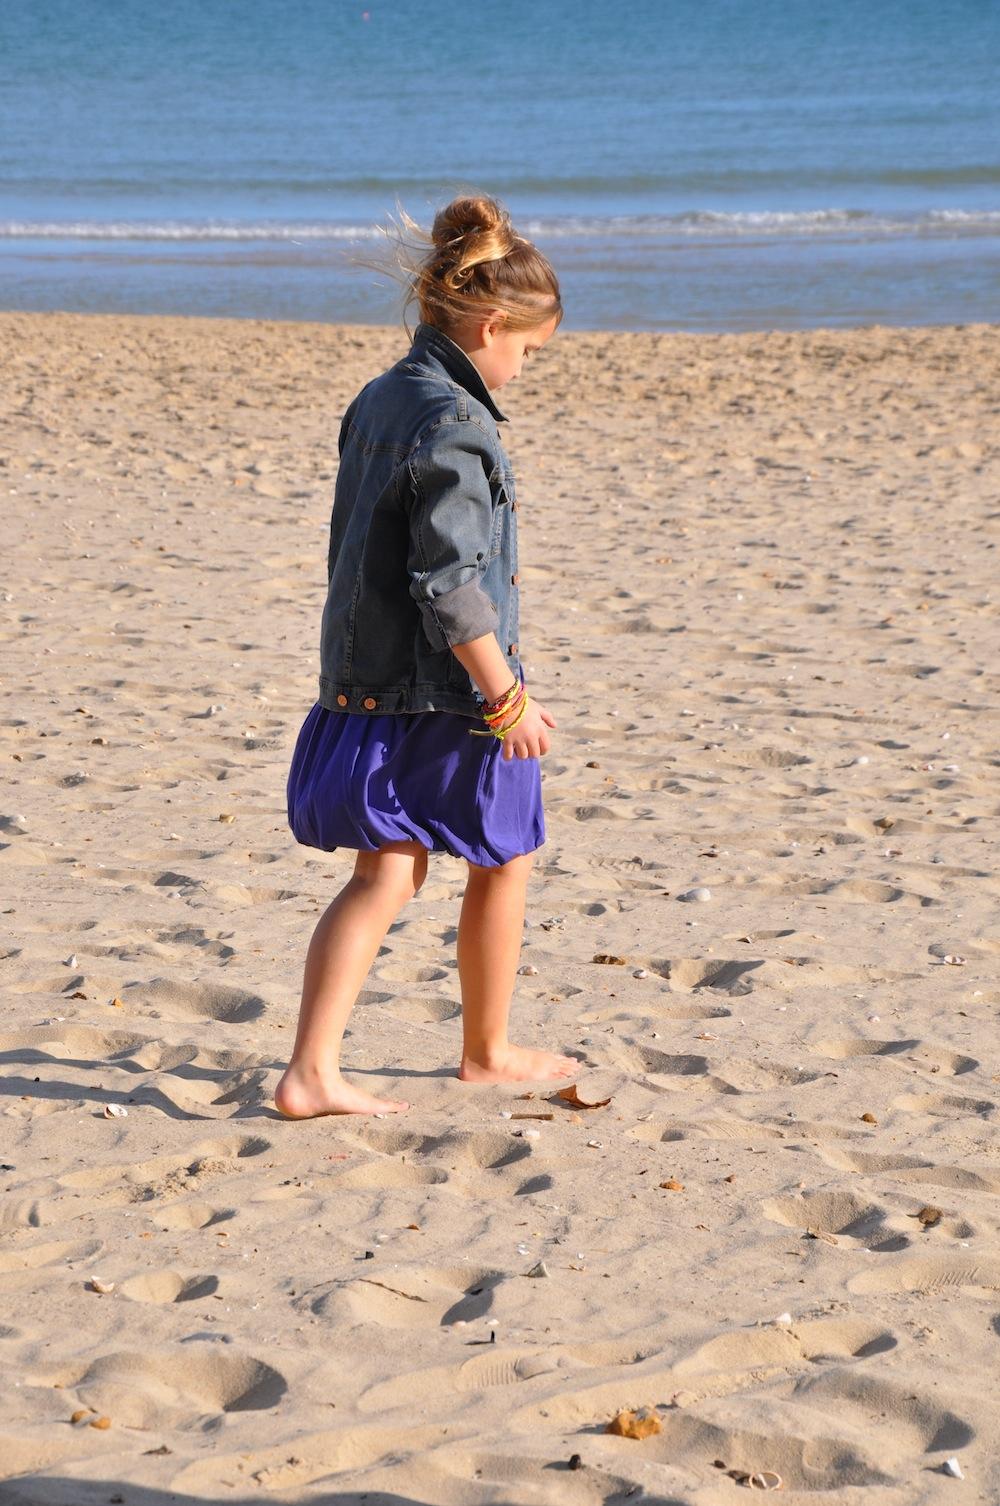 Iz_walking_original_sister_portia_dress